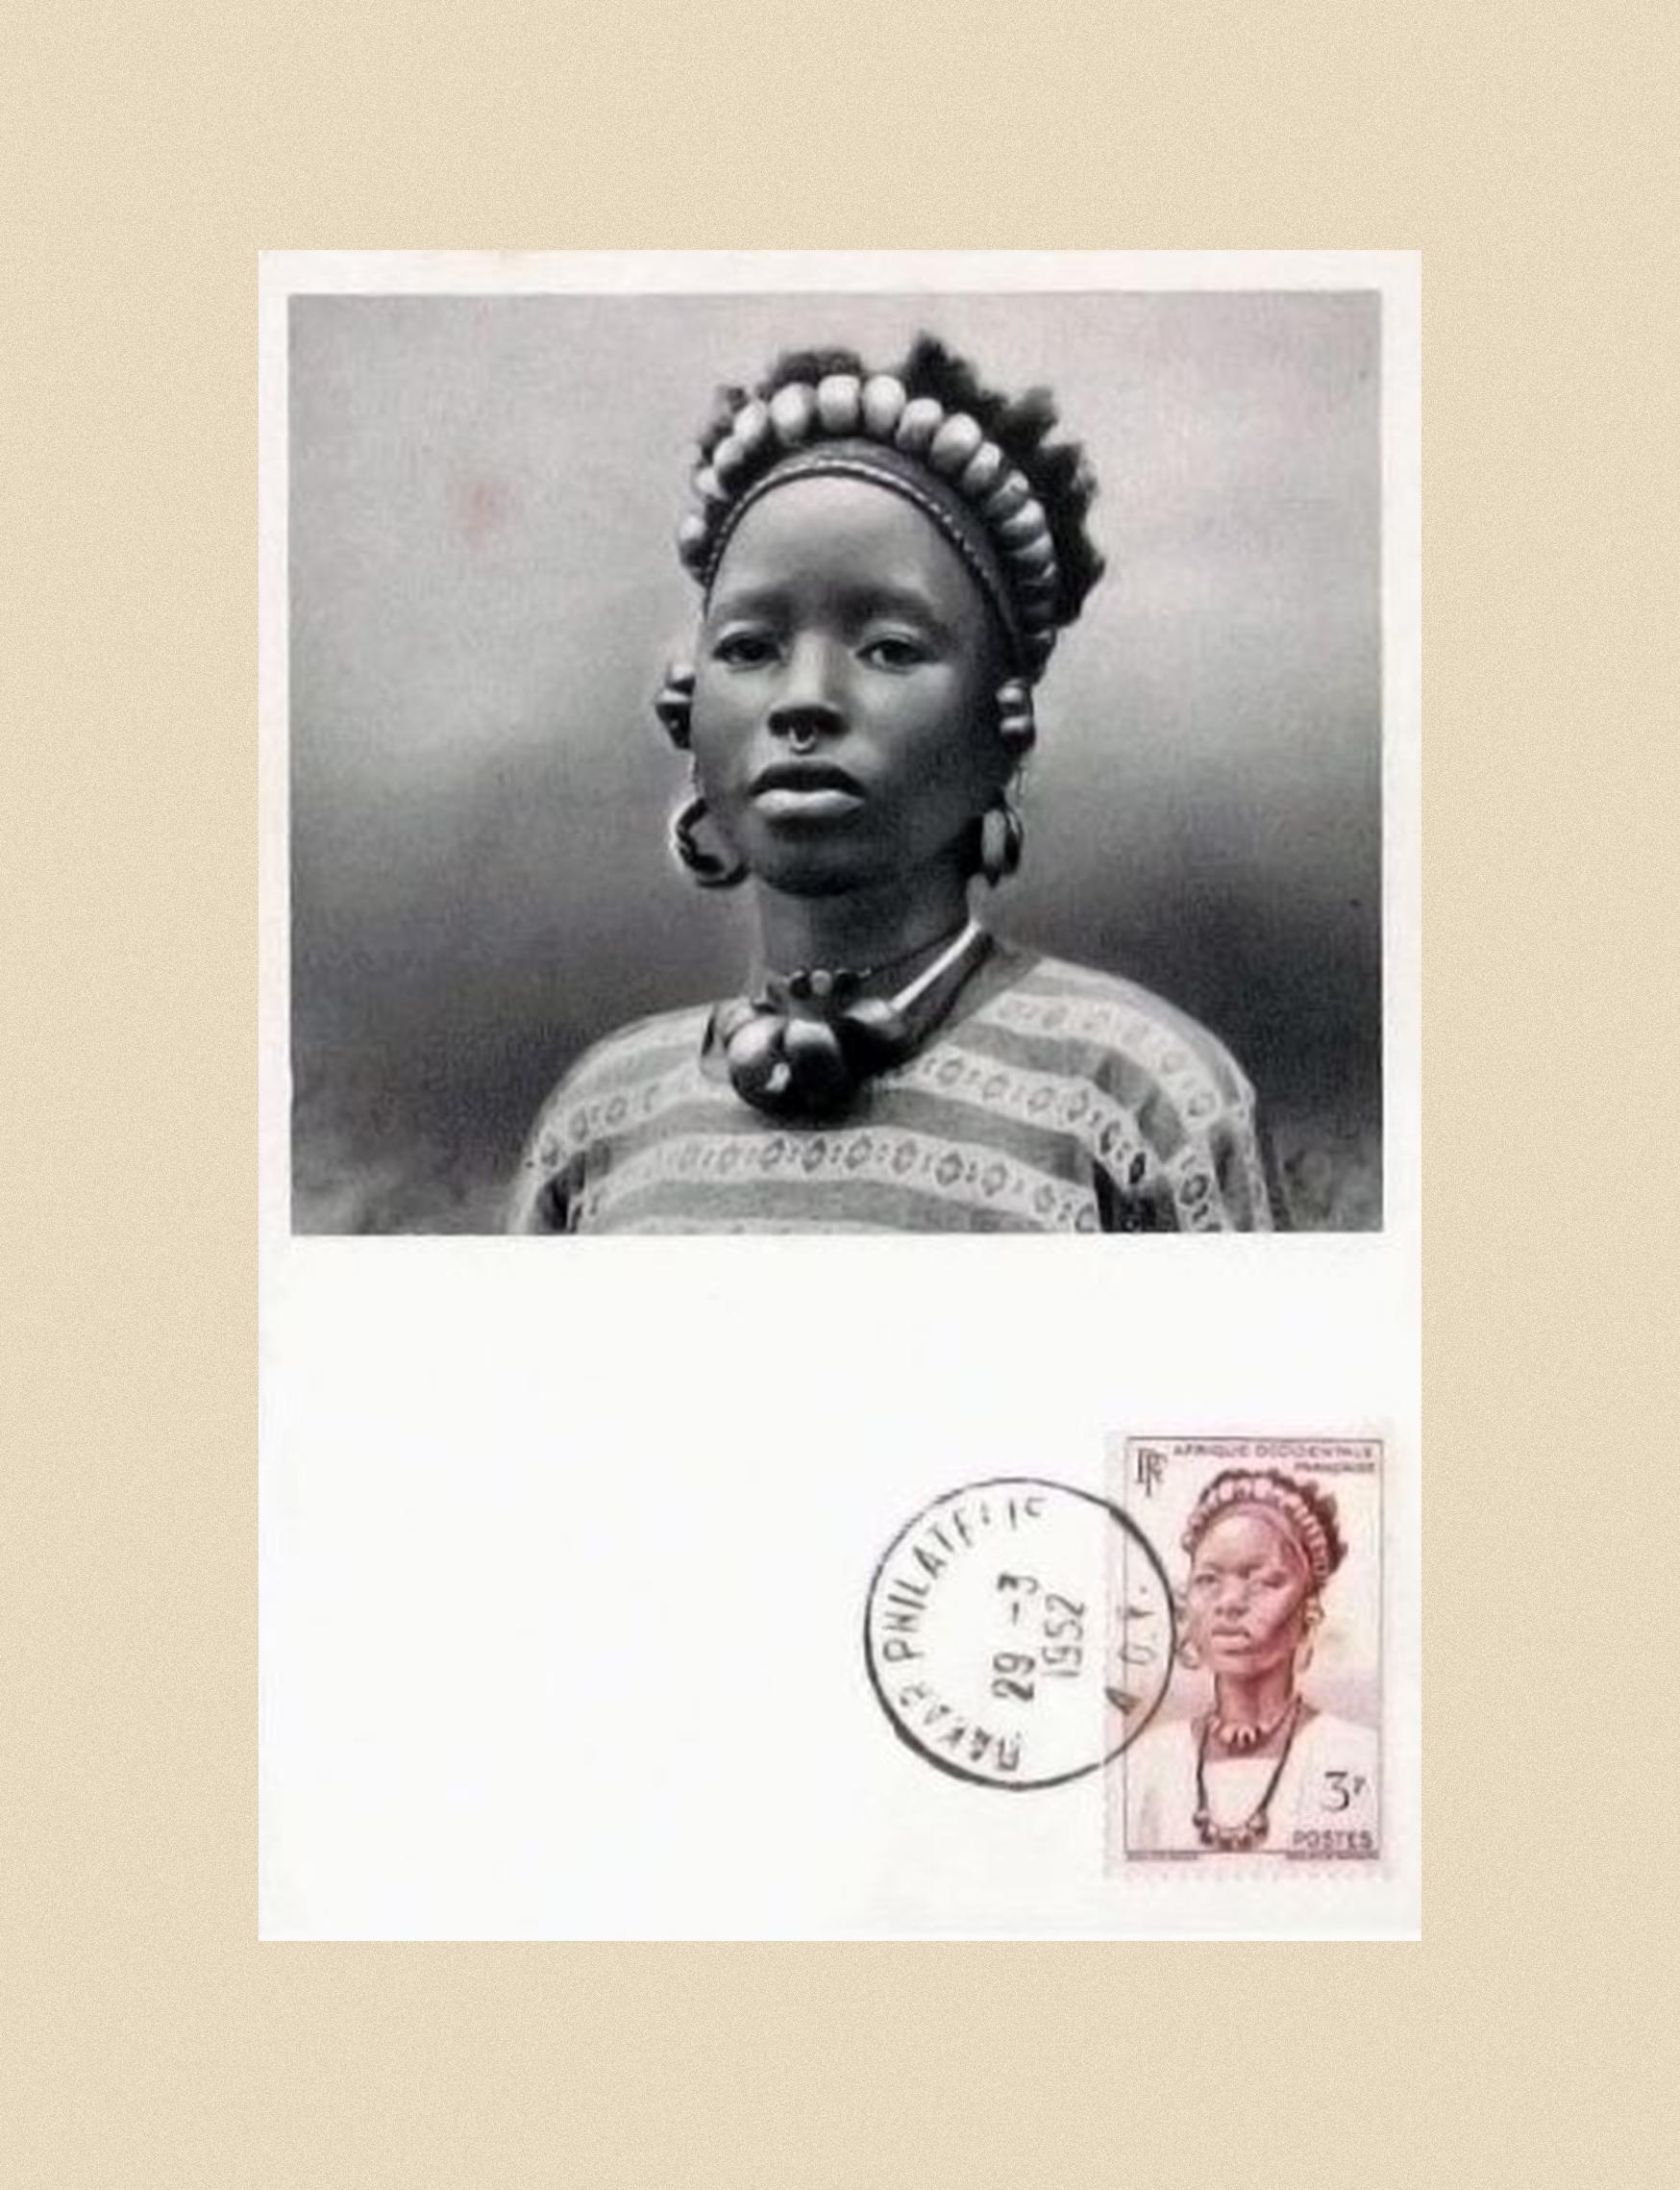 Djenne Sudan woman, 1952